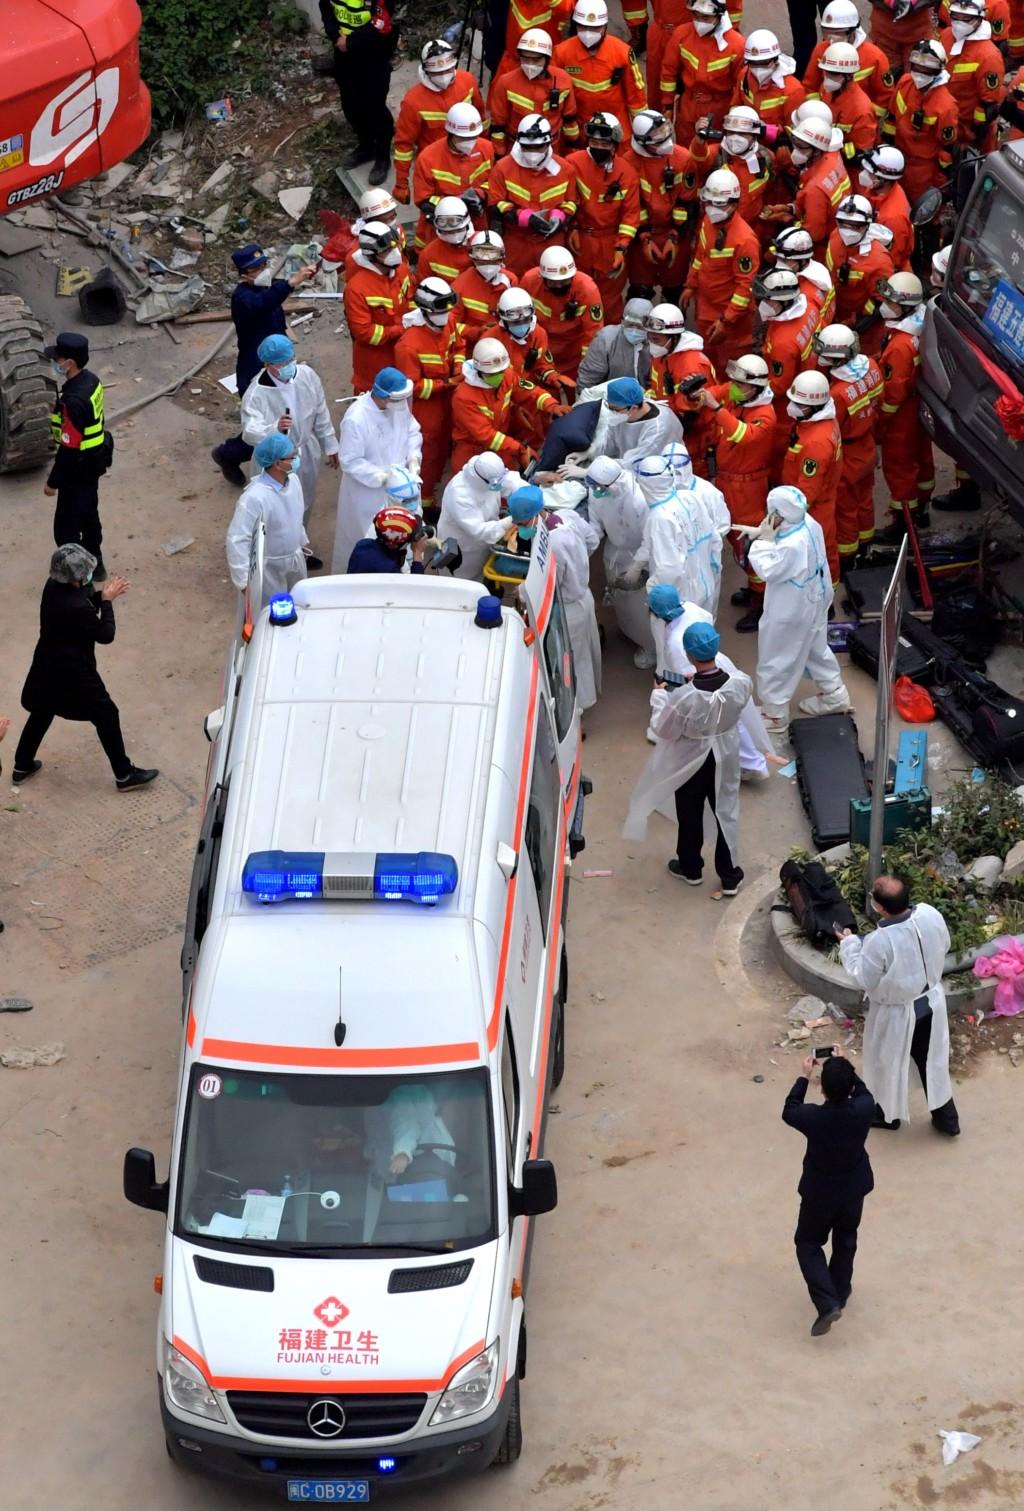 隔疫酒店崩塌!搜救犬「穿梭瓦礫救6人」腳掌全割傷「套口罩鞋」繼續救人